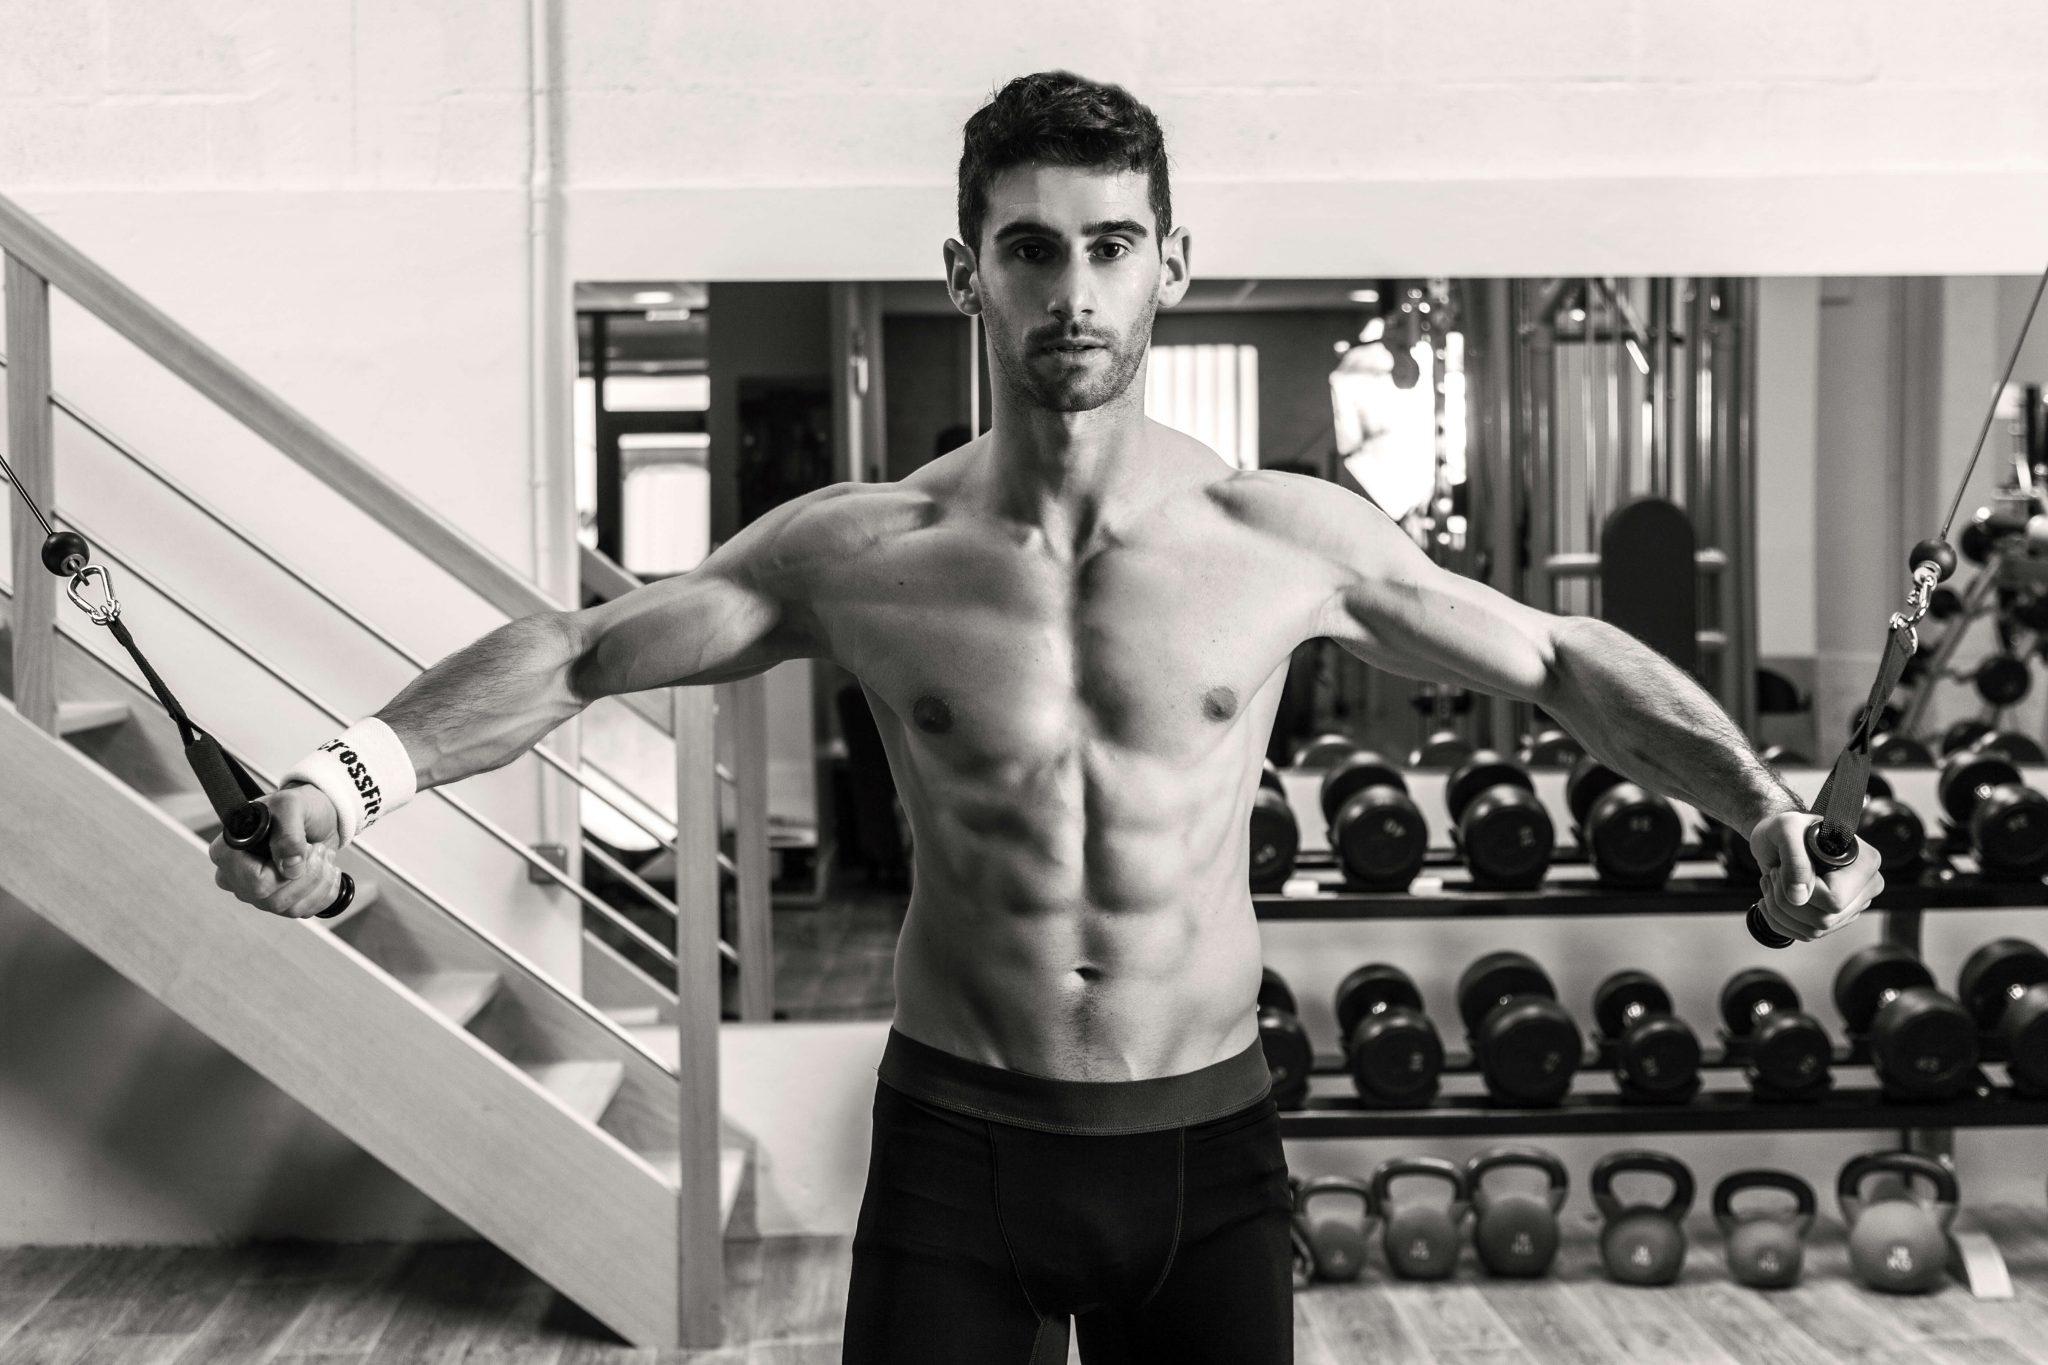 A Quelle Vitesse Realiser Les Mouvements Pour Prendre Plus De Muscle